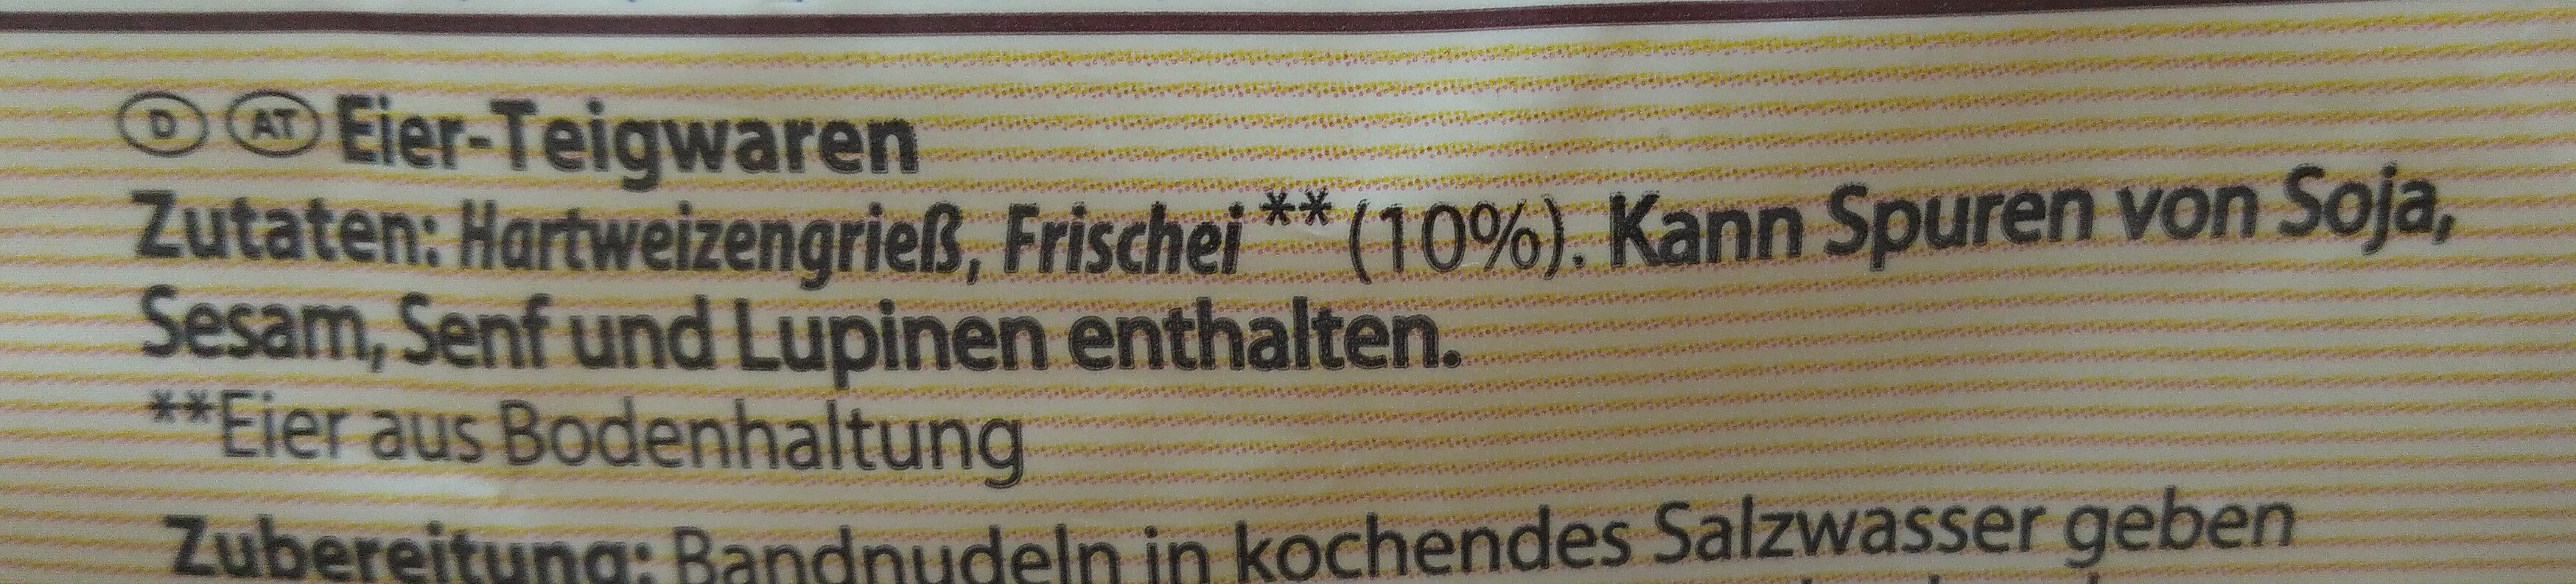 Bandnudeln Frischei-Nudeln - Ingredients